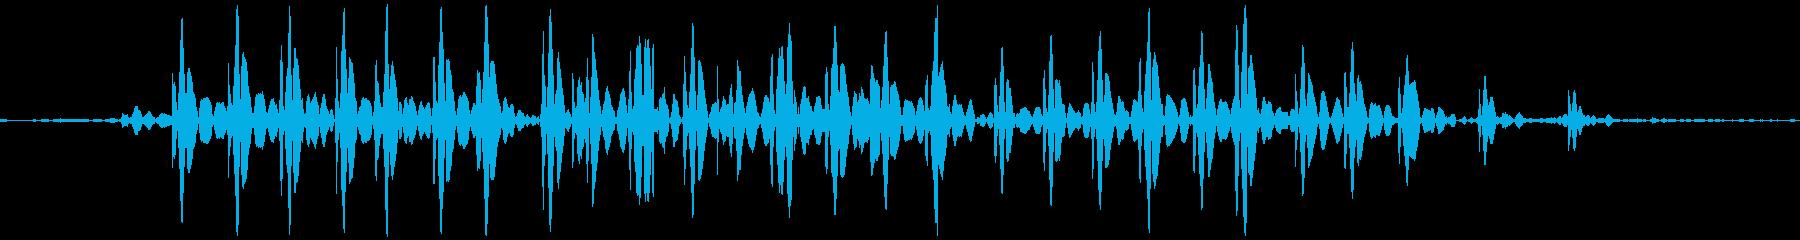 ブゥ。おならの音(低め・短め)の再生済みの波形